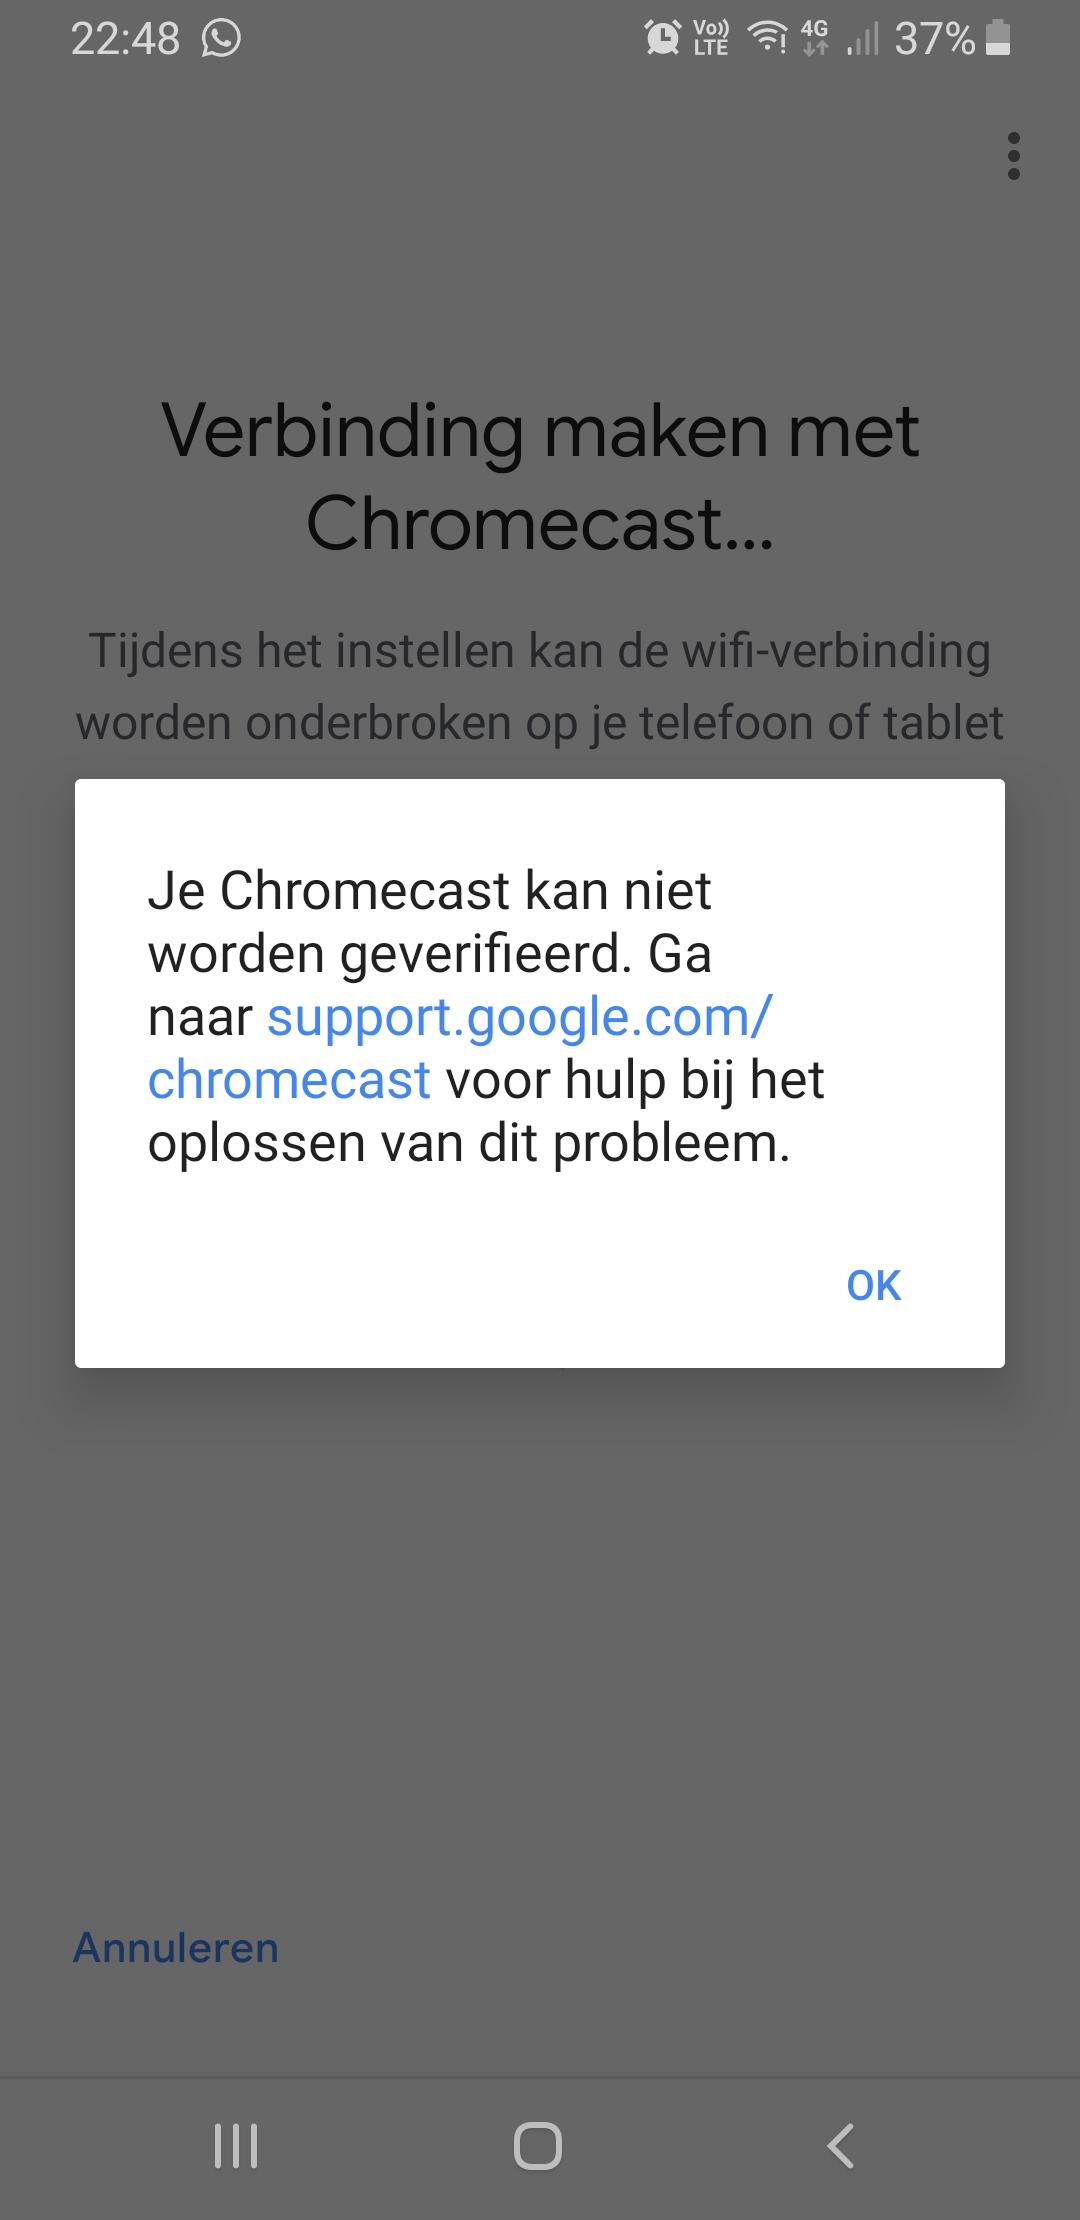 I Am Trying To Setup A Chromecast 1 But Keep Getting An